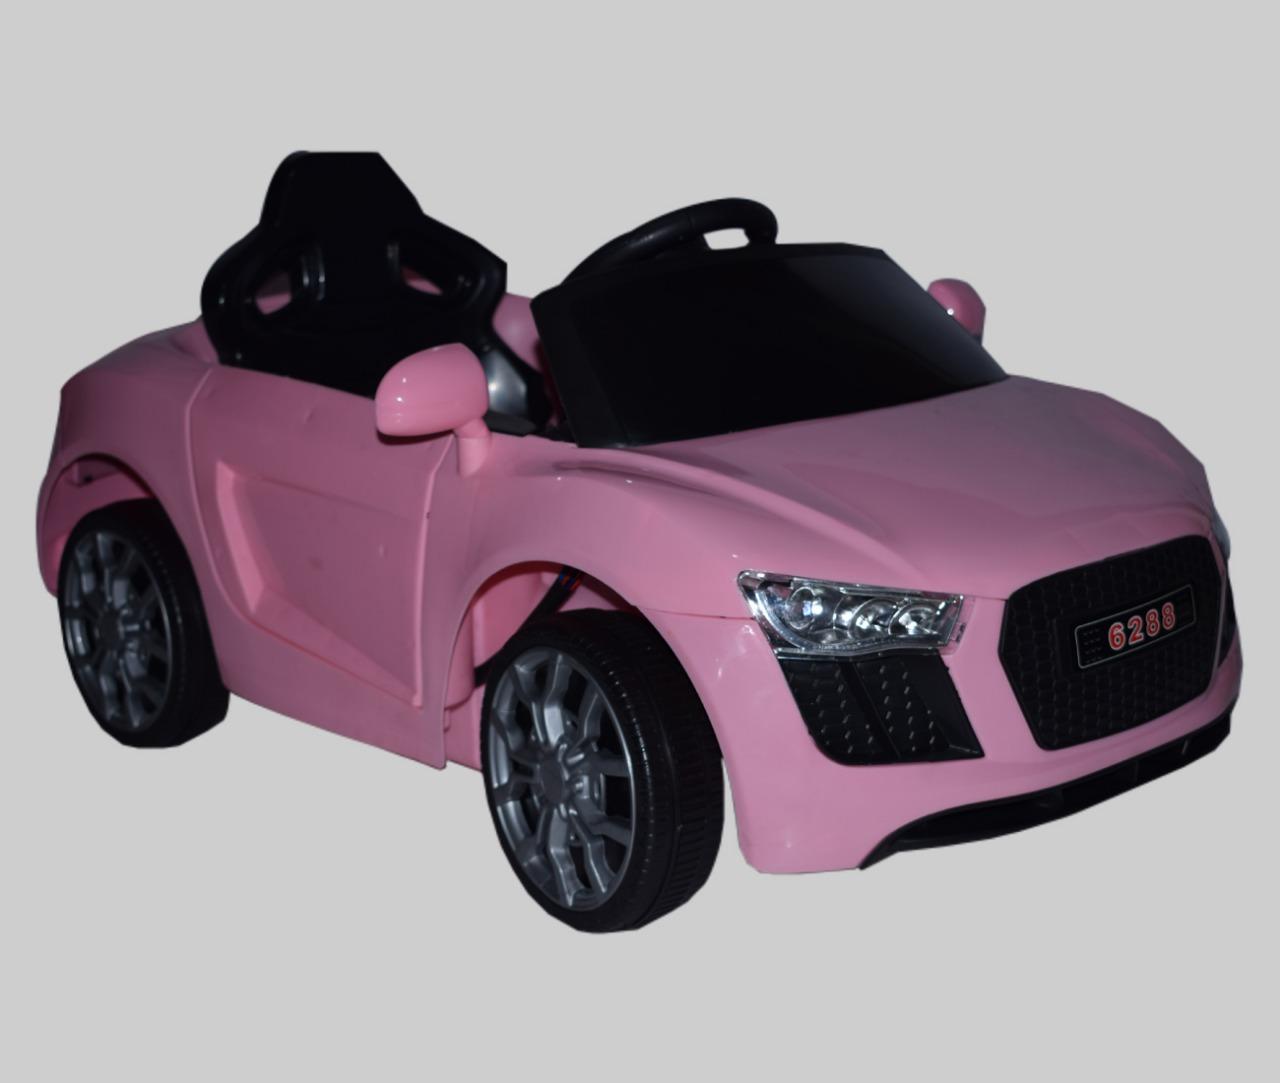 Kids Electric Audi Car 6288